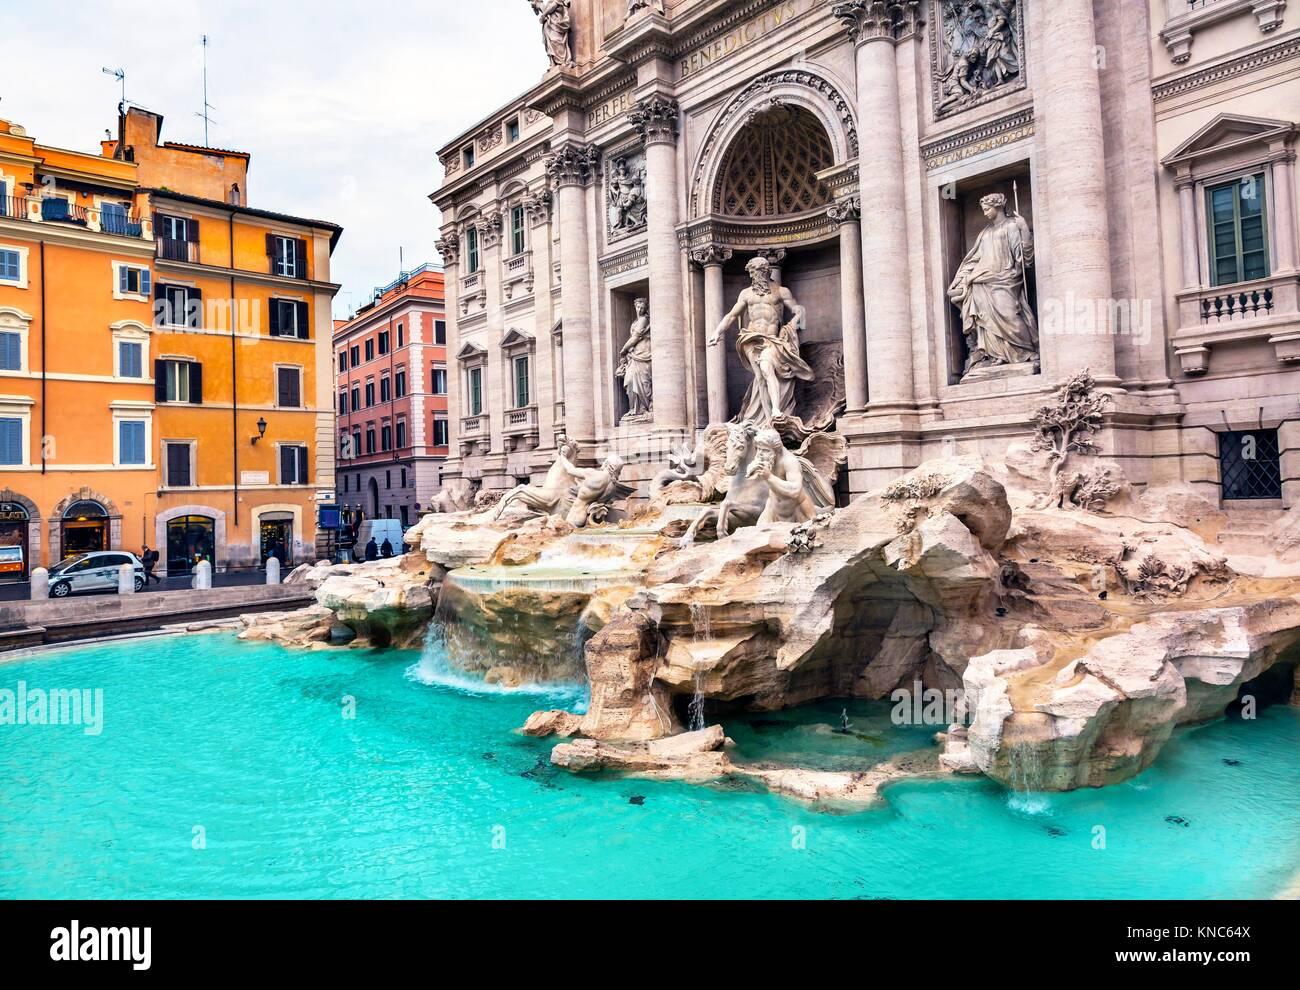 Les nymphes de Neptune Les Hippocampes Statues de la fontaine de Trevi Piazza Rome Italie. Nicola Salvi a créé Photo Stock